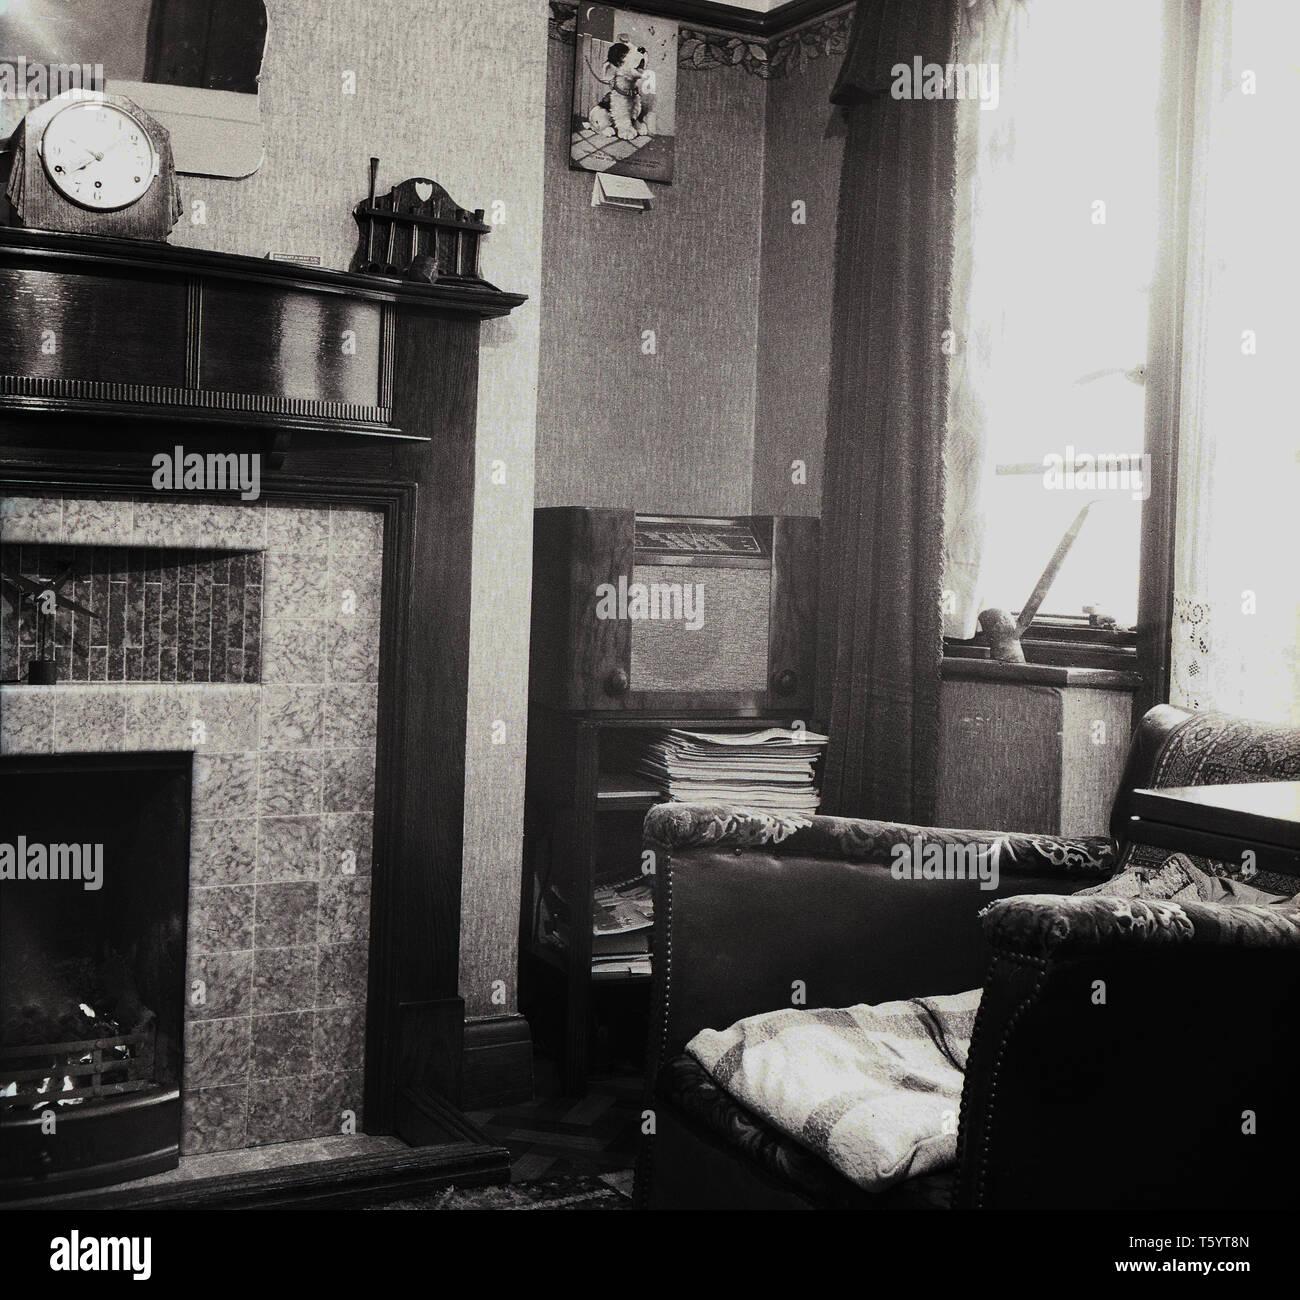 1940 s, historischen, traditionellen Wohnzimmer mit Kamin und Mantel Stück, die mit der drahtlosen Receiver oder Radio set steht in der Ecke, England, UK. Stockbild